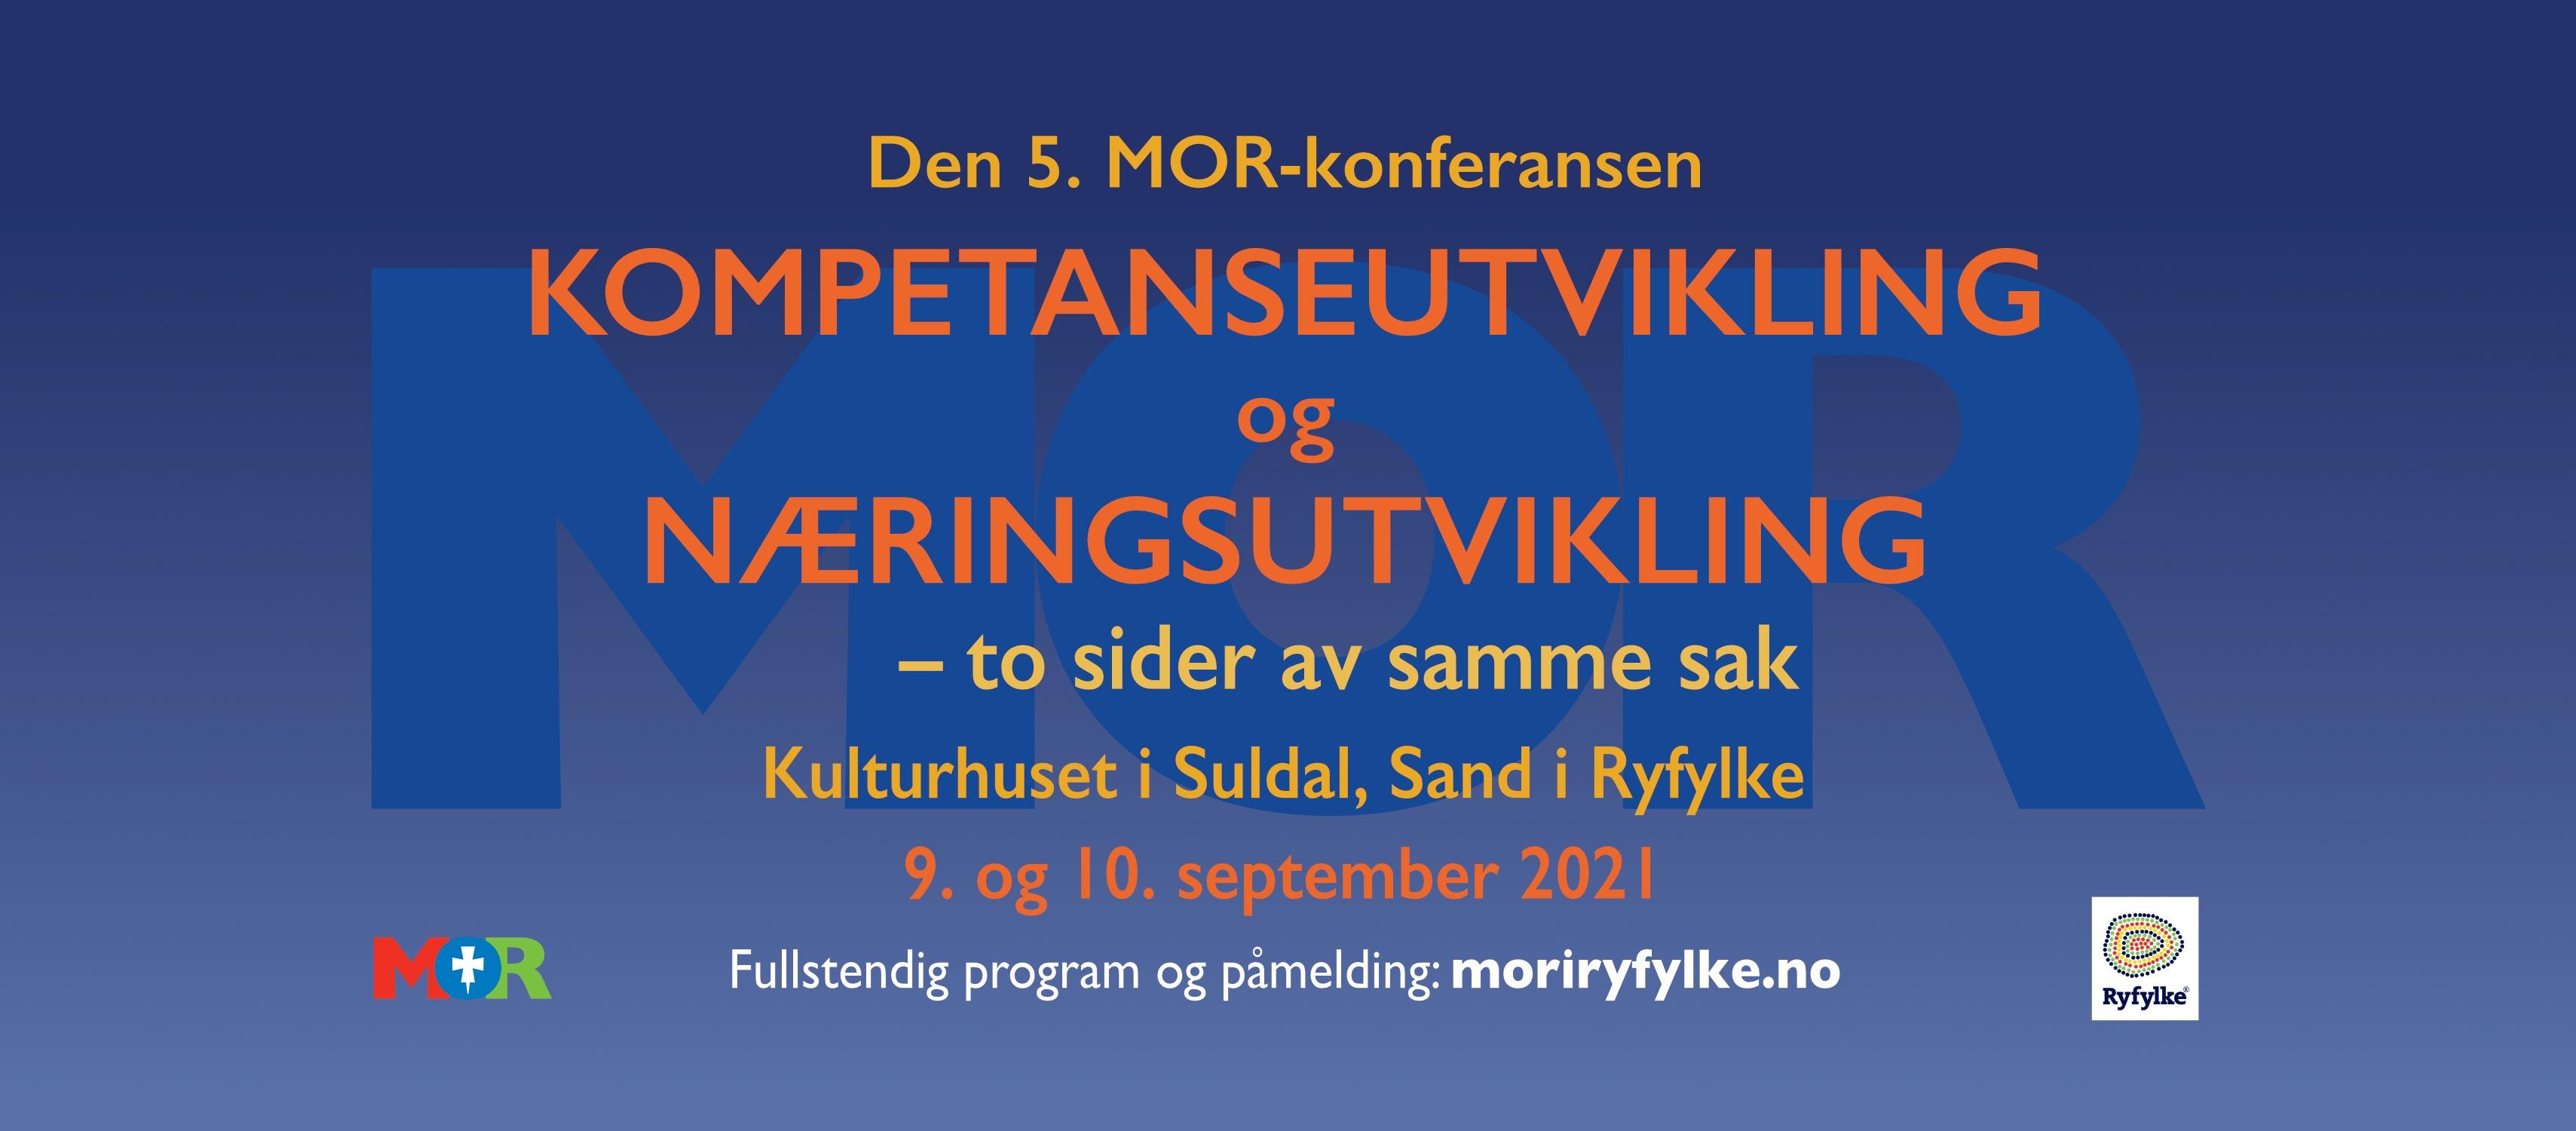 Bilde av invitasjon til MOR-konferanse